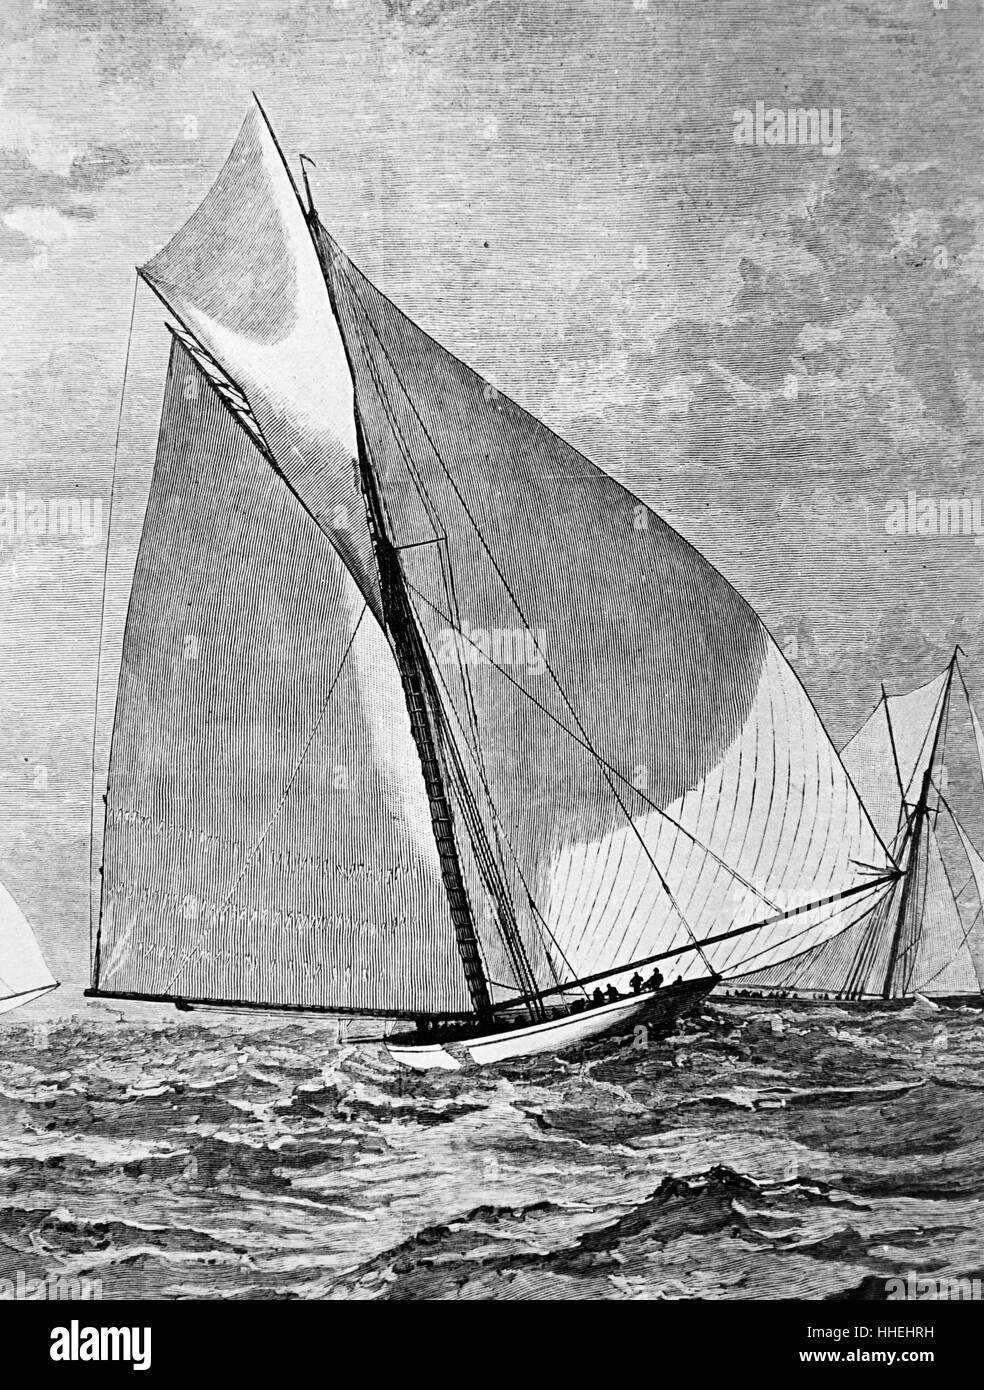 """Porträt der Amerika-Yacht """"Mayflower"""" Teilnahme an Studien für die American Cup. Vom 19. Jahrhundert Stockbild"""